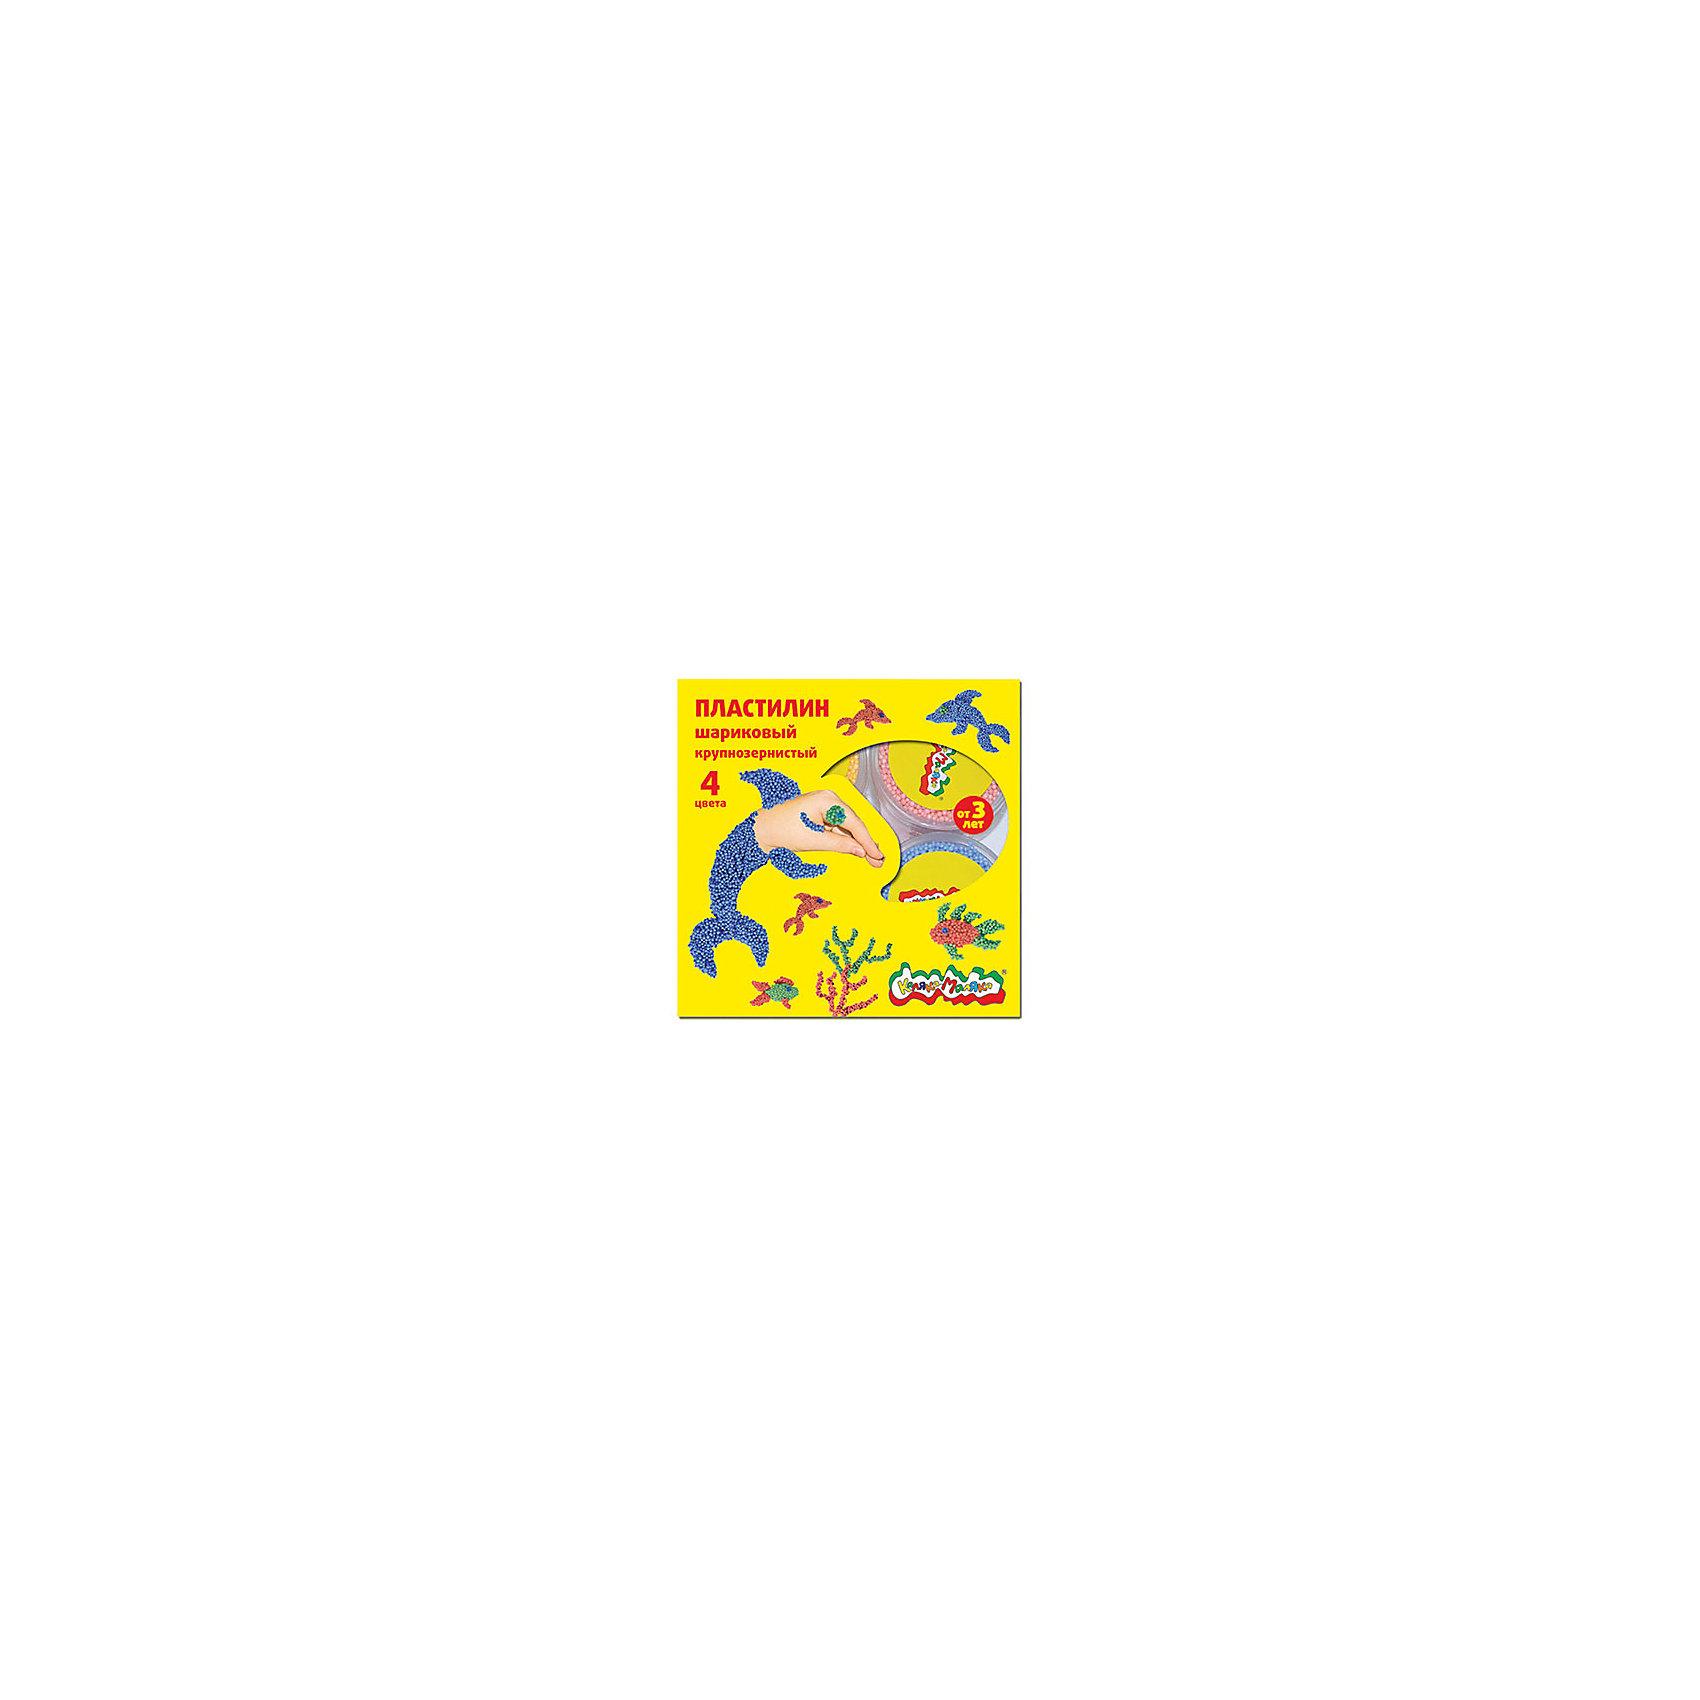 Шариковый пластилин 4 цветаЛепка<br>Пластилин не застывает на воздухе, что позволяет использовать его снова и снова. Легкие шарики, из которых он состоит, соединены клеевым раствором. Он не прилипает к рукам, но позволяет прочно скреплять между собой элементы лепки. Шариковый крупнозернистый пластилин Каляка-Маляка® идеально подходит для самых маленьких деток: он легко делится на части и позволяет создавать простые и понятные ребенку фигурки. В ассортименте имеются наборы из 4 цветов - (желтый, синий, розовый, салатовый) и 6 цветов - (желтый, синий, розовый, салатовый, персиковый, сиреневый) Вес одной баночки в наборе 12 г.<br><br>Ширина мм: 195<br>Глубина мм: 155<br>Высота мм: 50<br>Вес г: 80<br>Возраст от месяцев: 36<br>Возраст до месяцев: 108<br>Пол: Унисекс<br>Возраст: Детский<br>SKU: 5188788